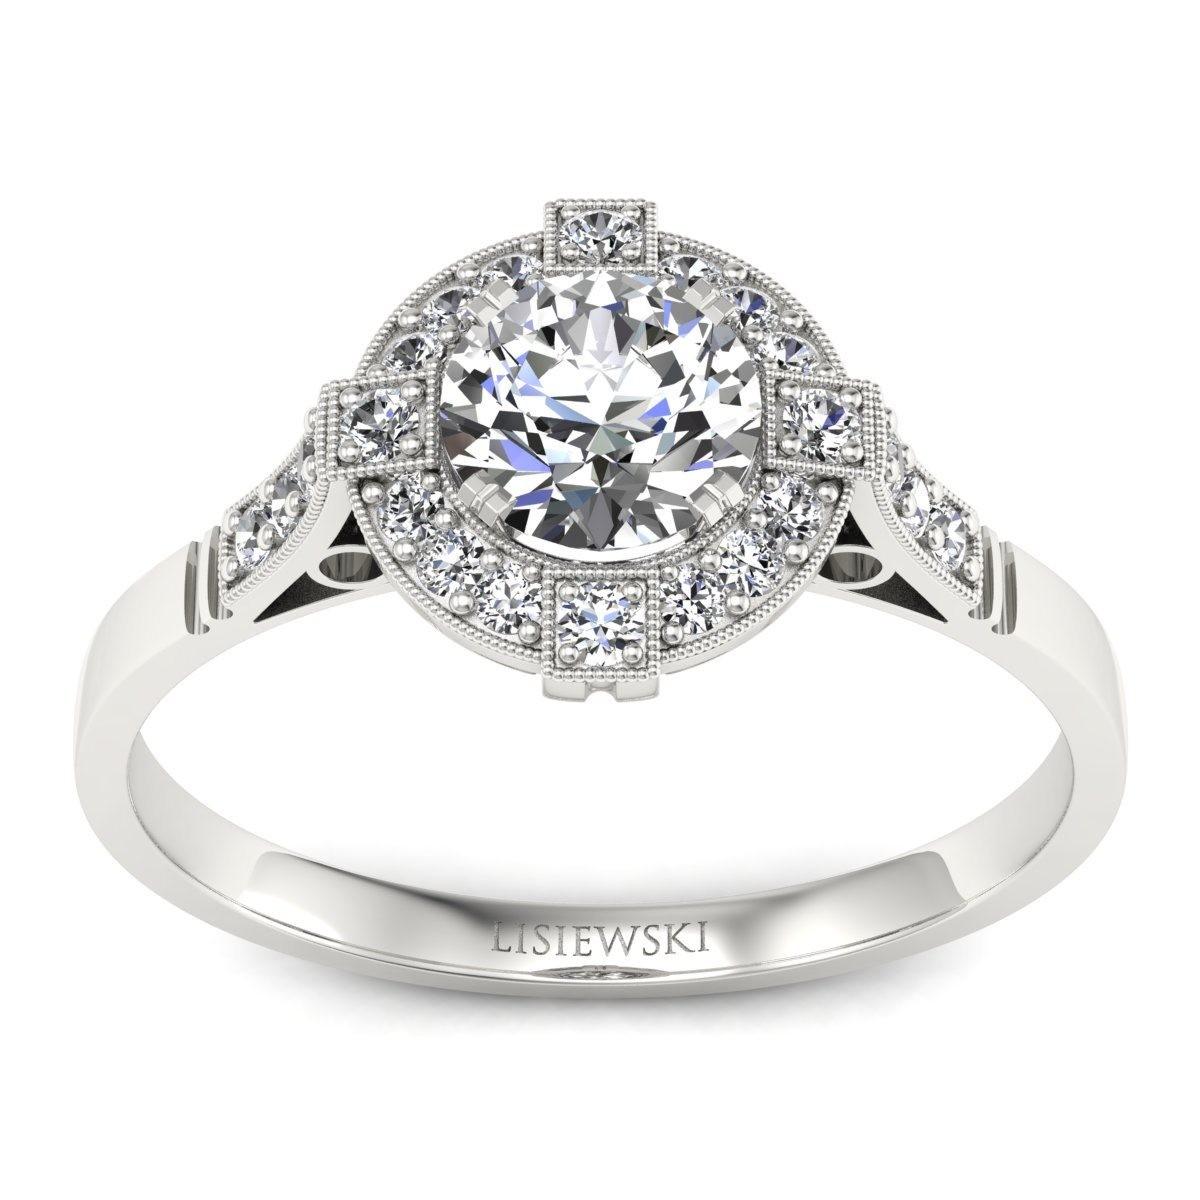 Audrey - Platynowy pierścionek z diamentami